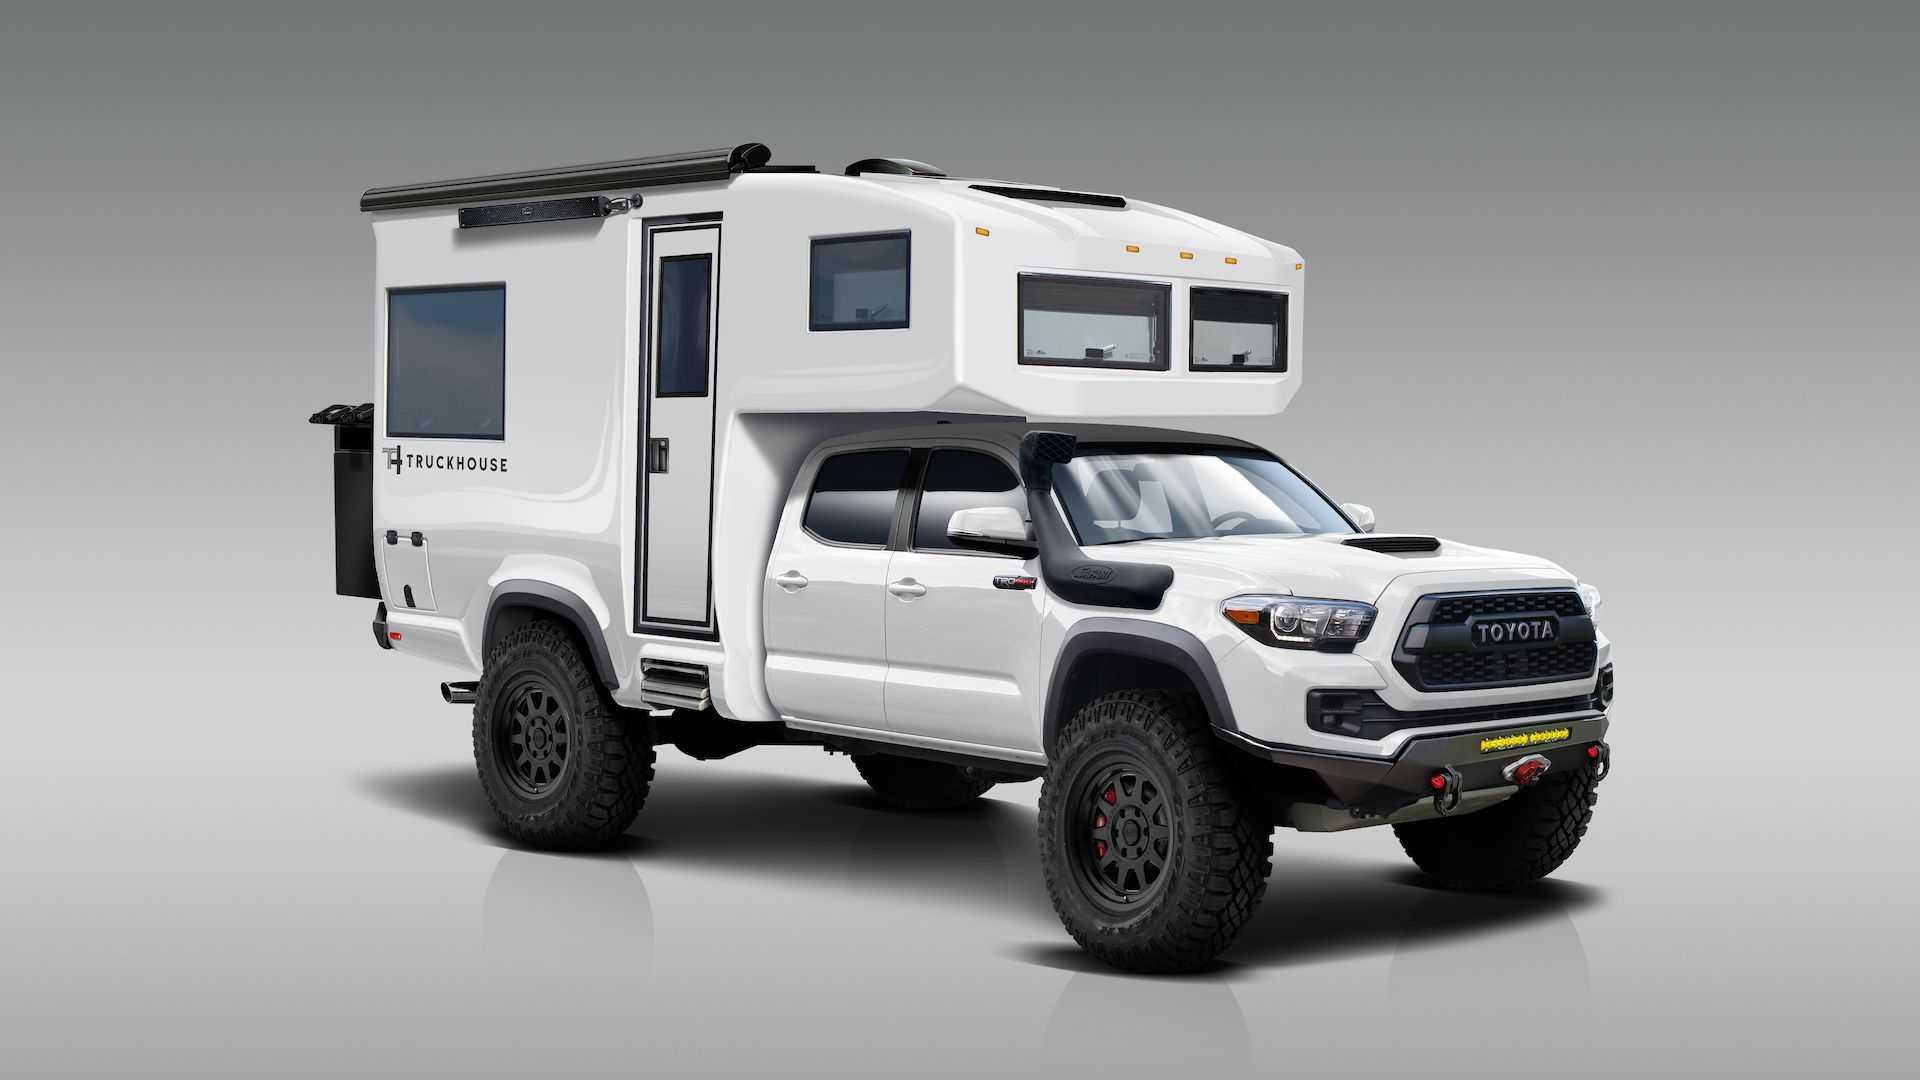 Что может быть лучше грузовика, превращенного в дом на колесах? Невадская компания TruckHouse представила проект BCT, который наверняка заставит трепетать сердца отдыхающих на бездорожье.